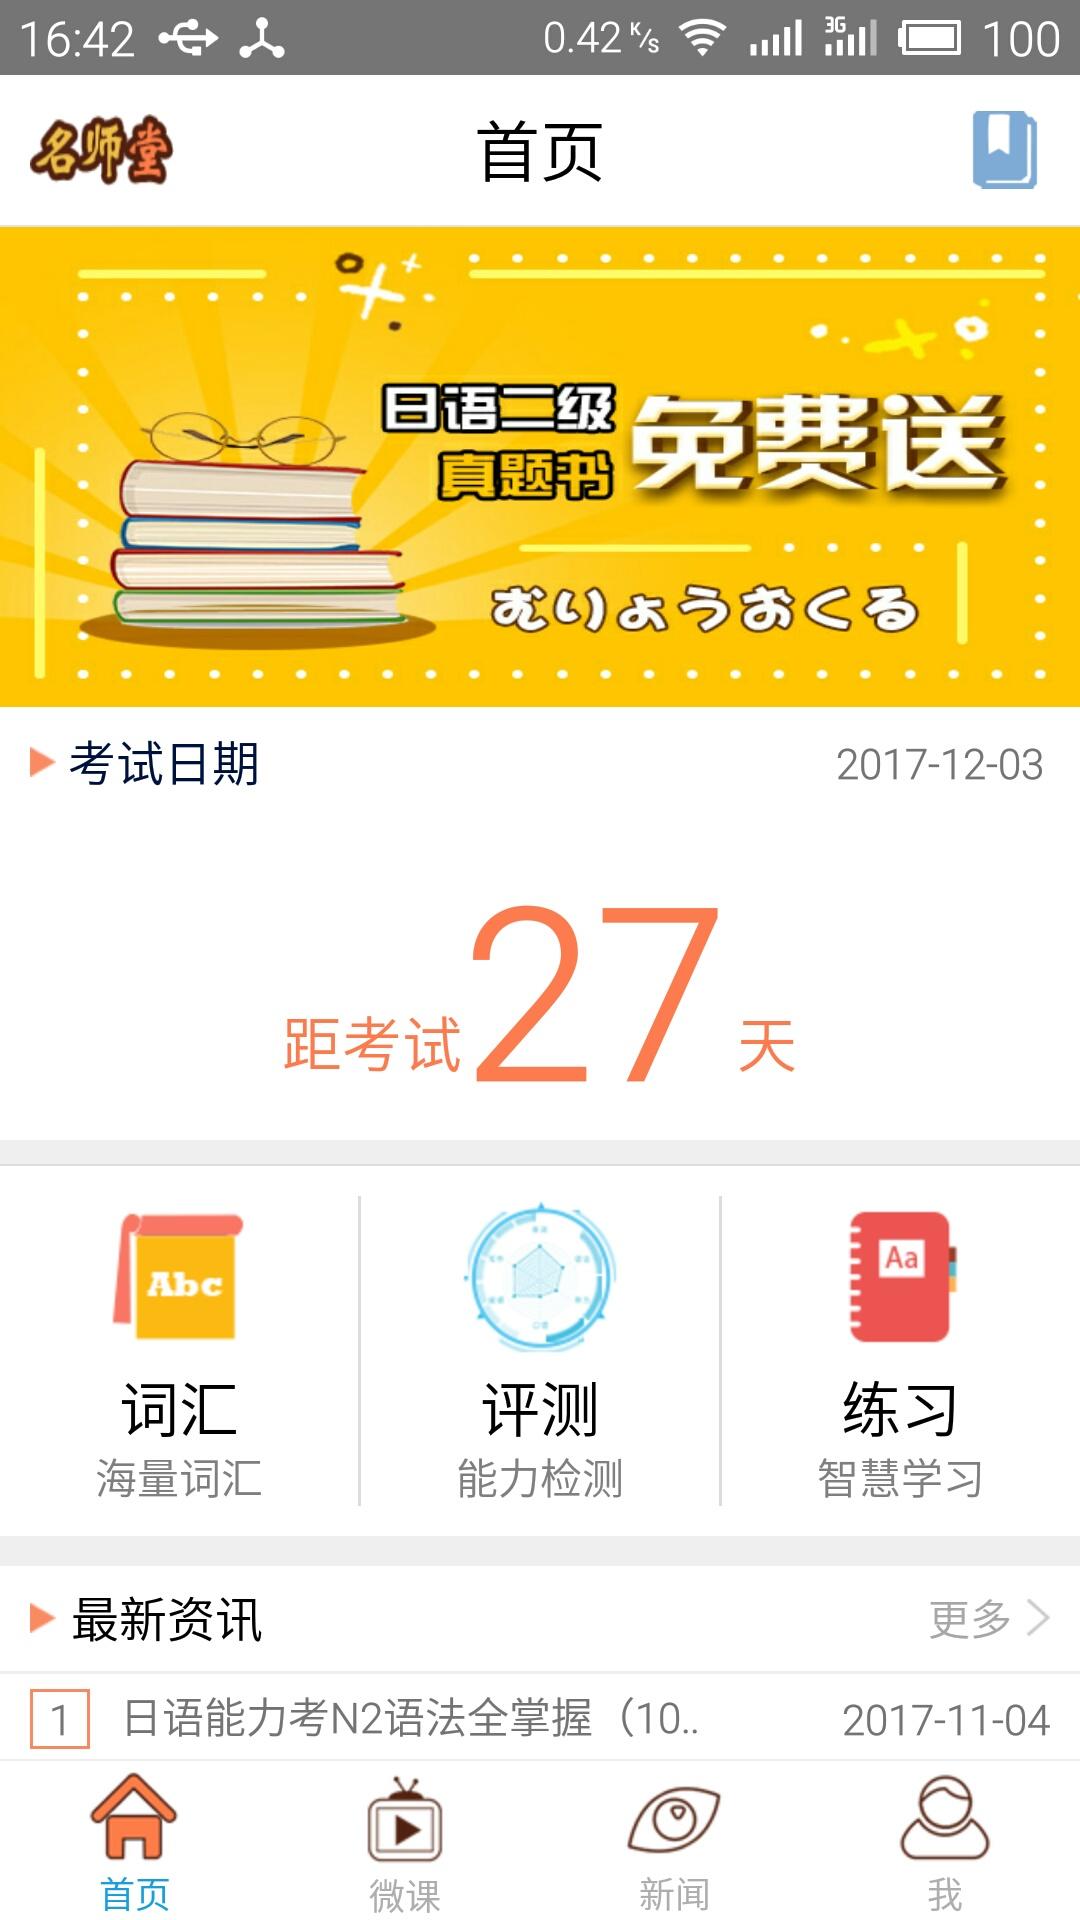 日语N2考试官截图